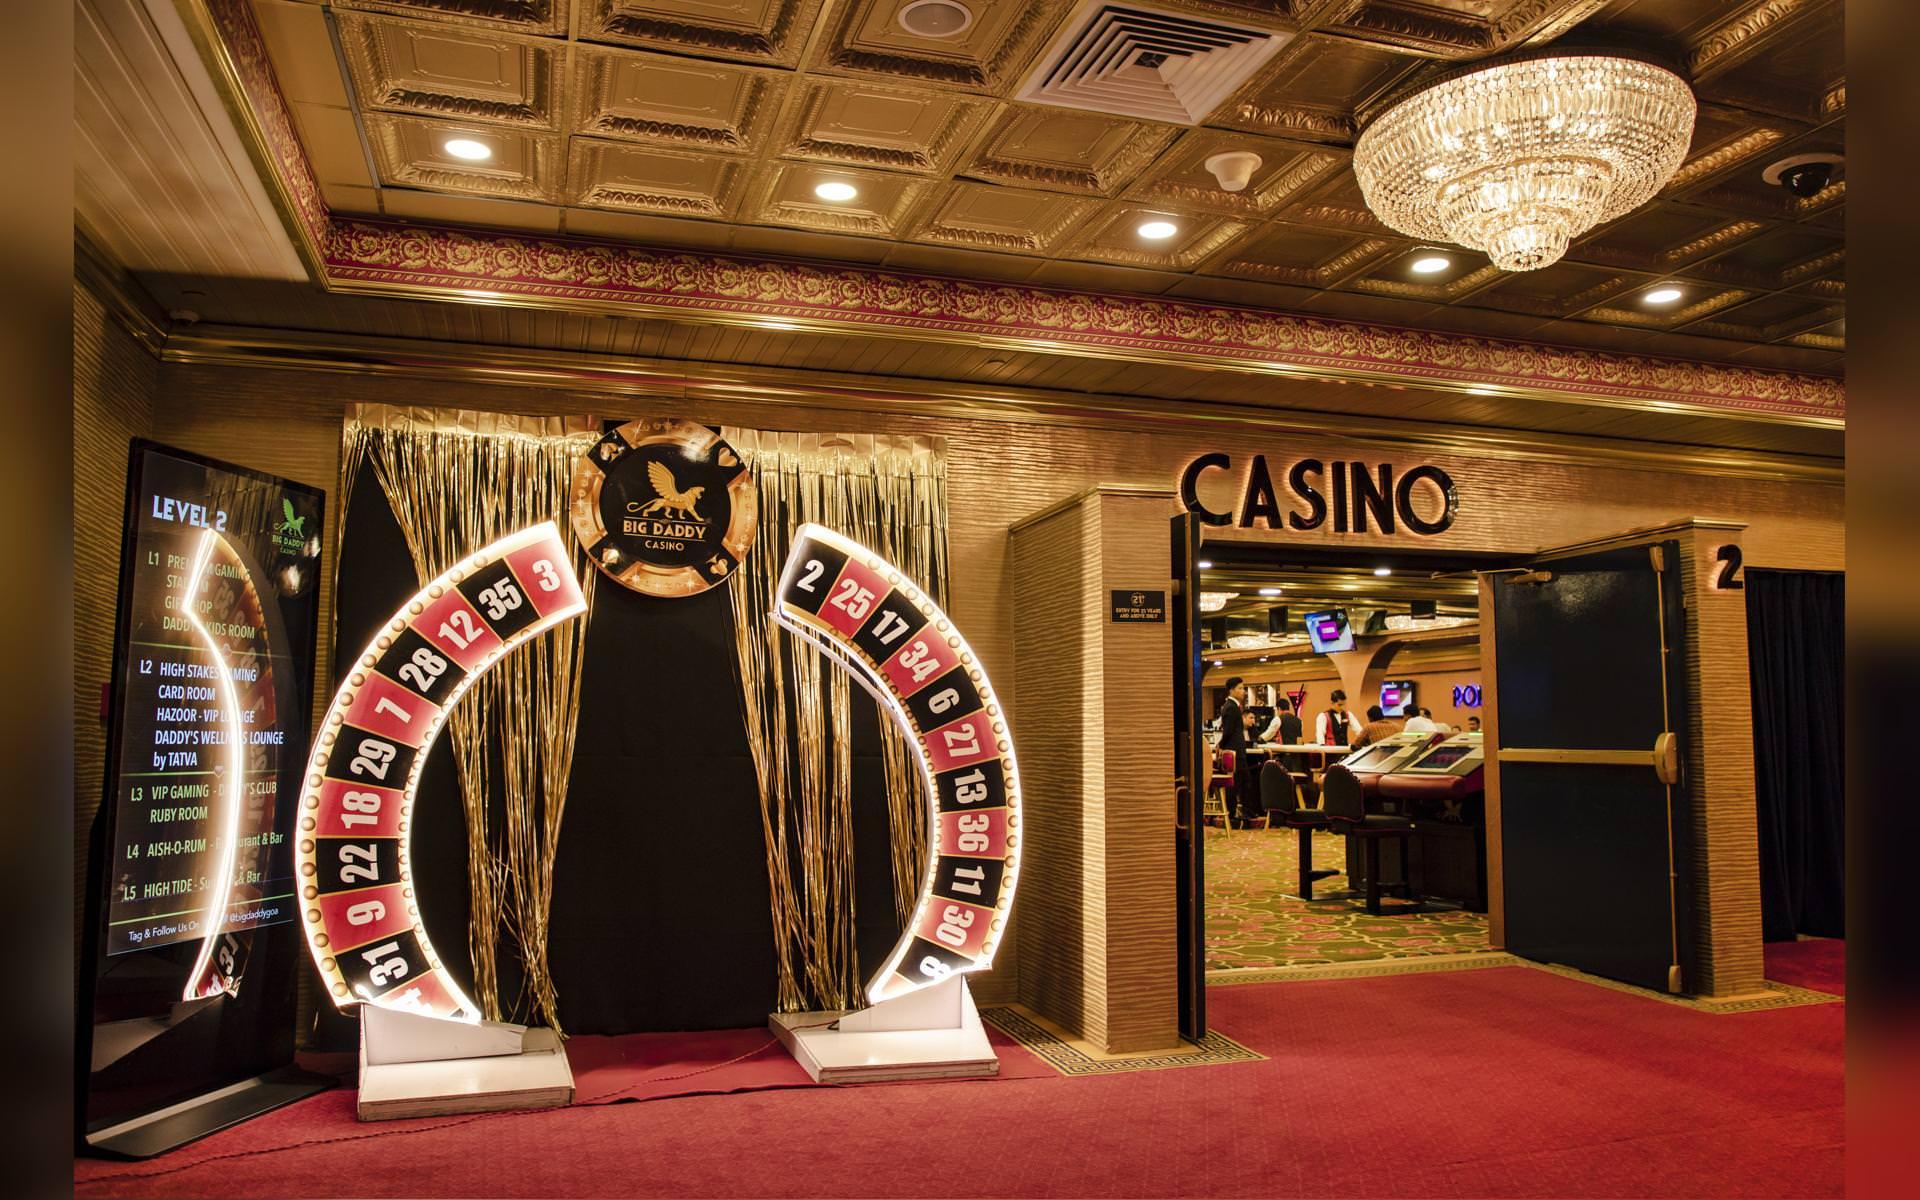 Big Daddy Casino Entrance